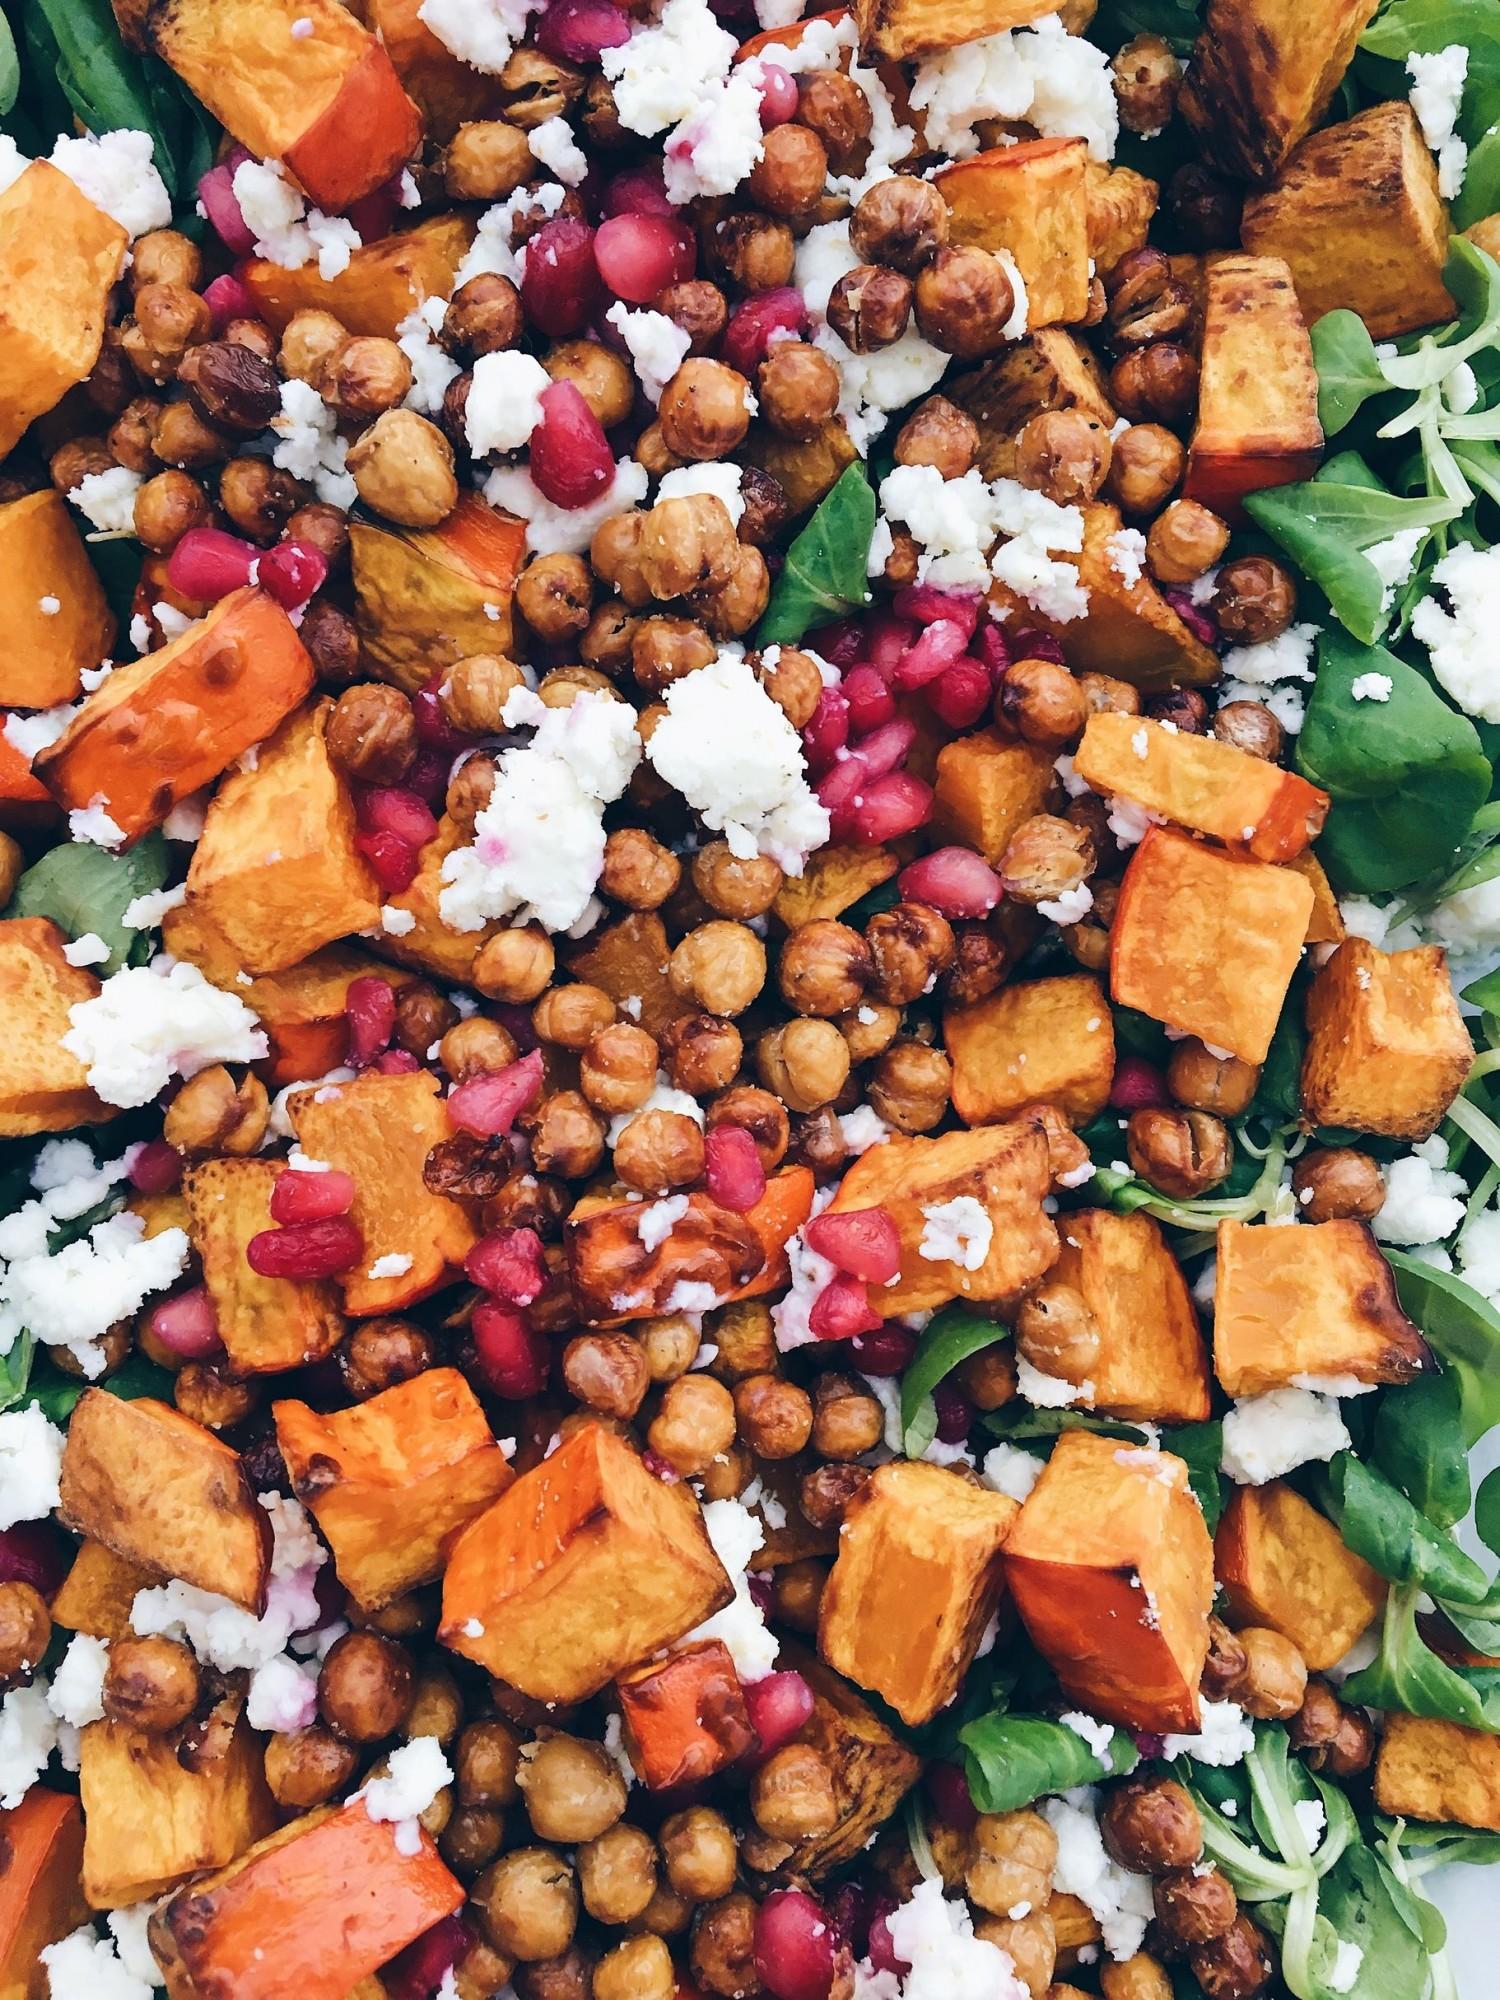 efterarssalat-med-graskar-granatable-og-311878702-4